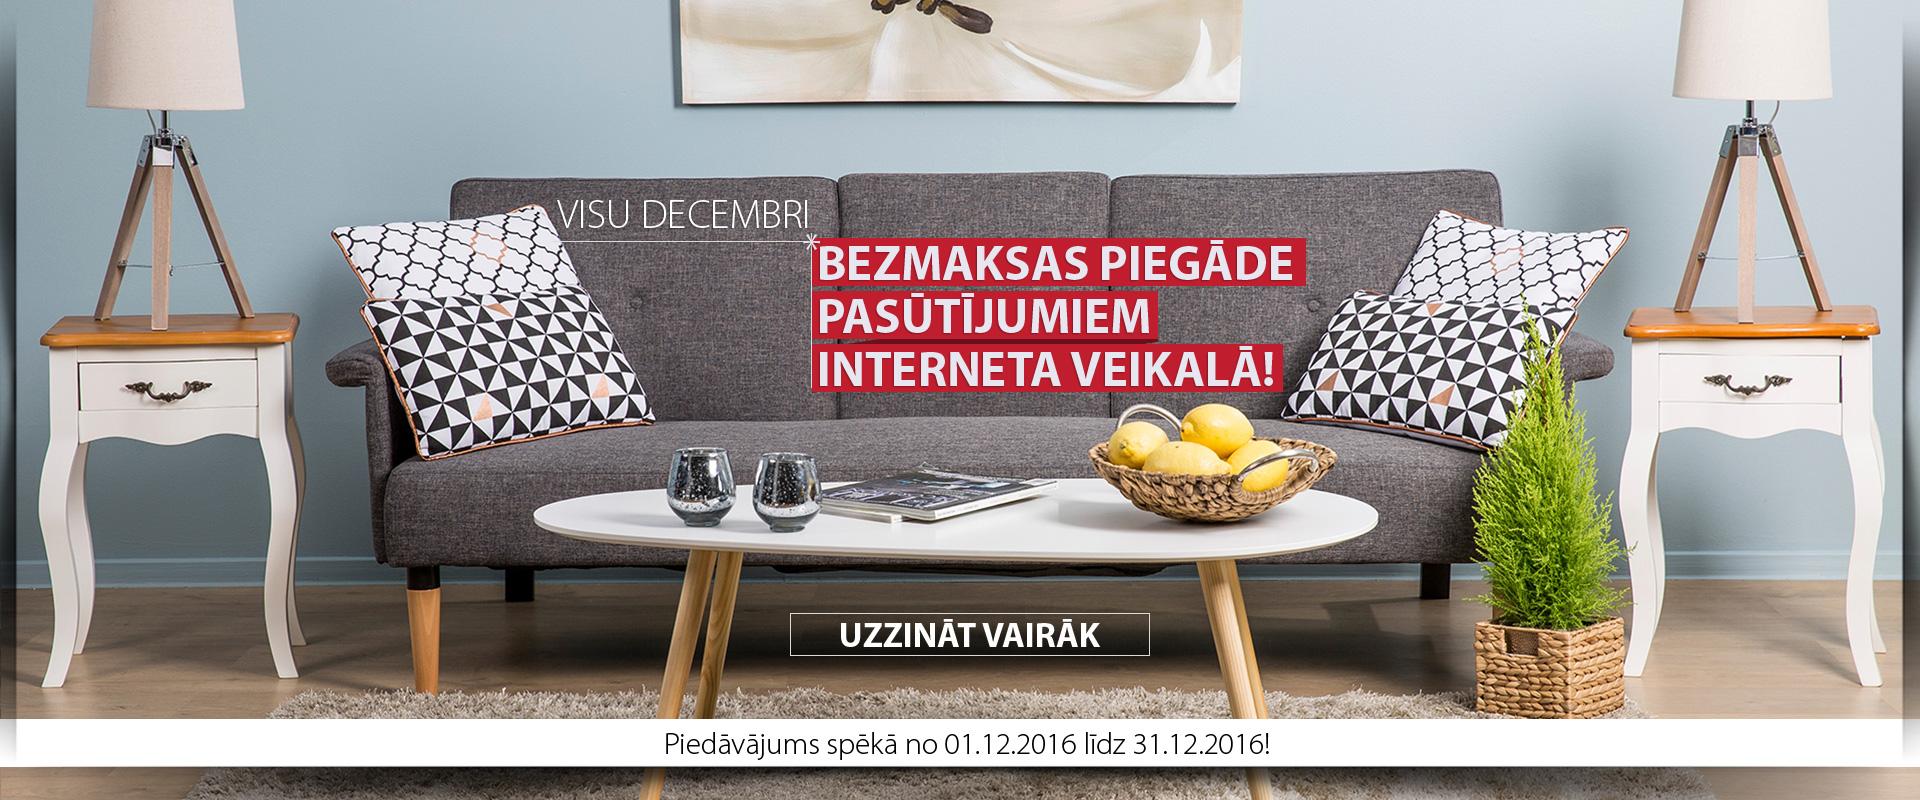 TV_commercial_banner_LV